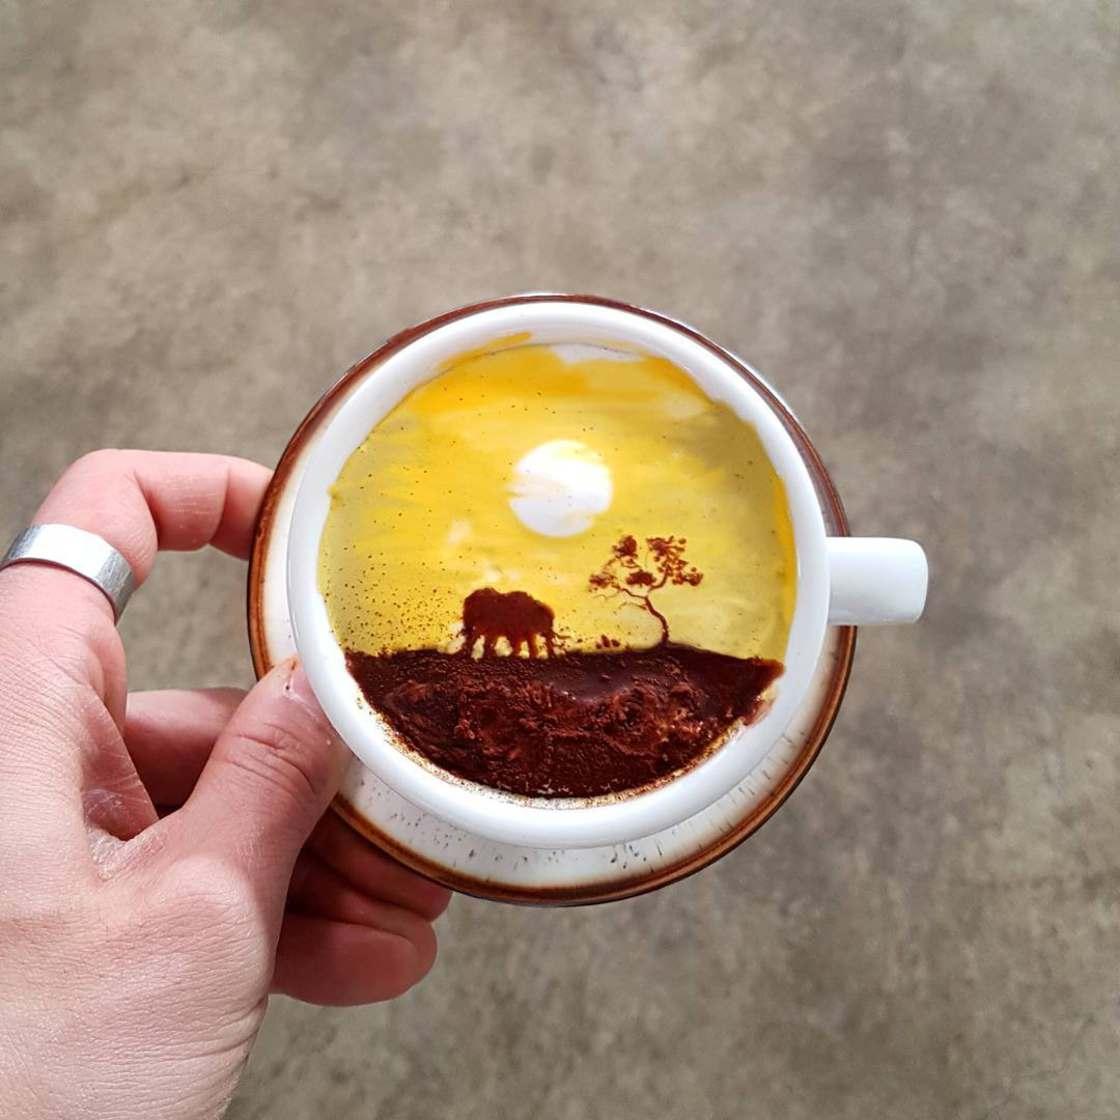 art-on-coffee-lee-kang-bin-12.jpg